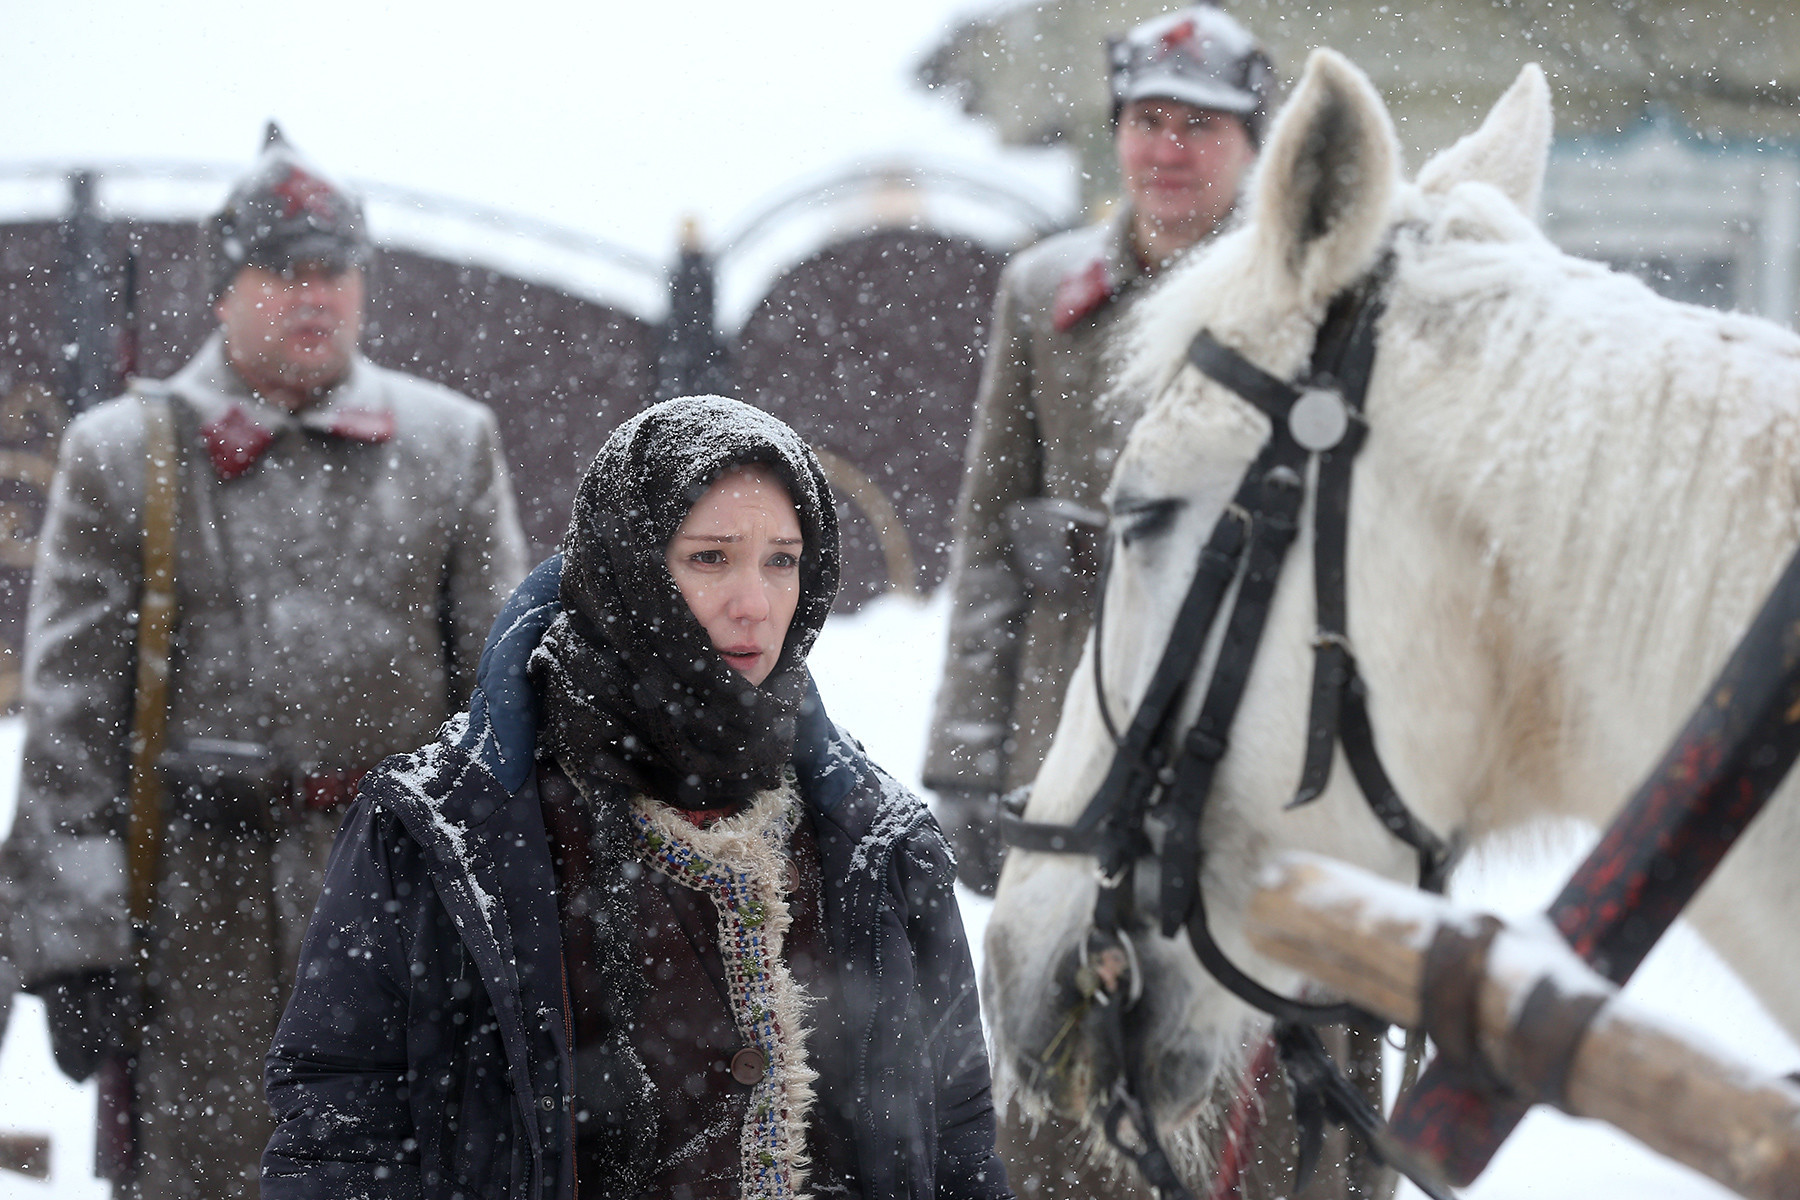 Actress Chulpan Khamatova on set of Yegor Anashkin's film 'Zuleikha Opens Her Eyes' based on Guzel Yakhina's novel